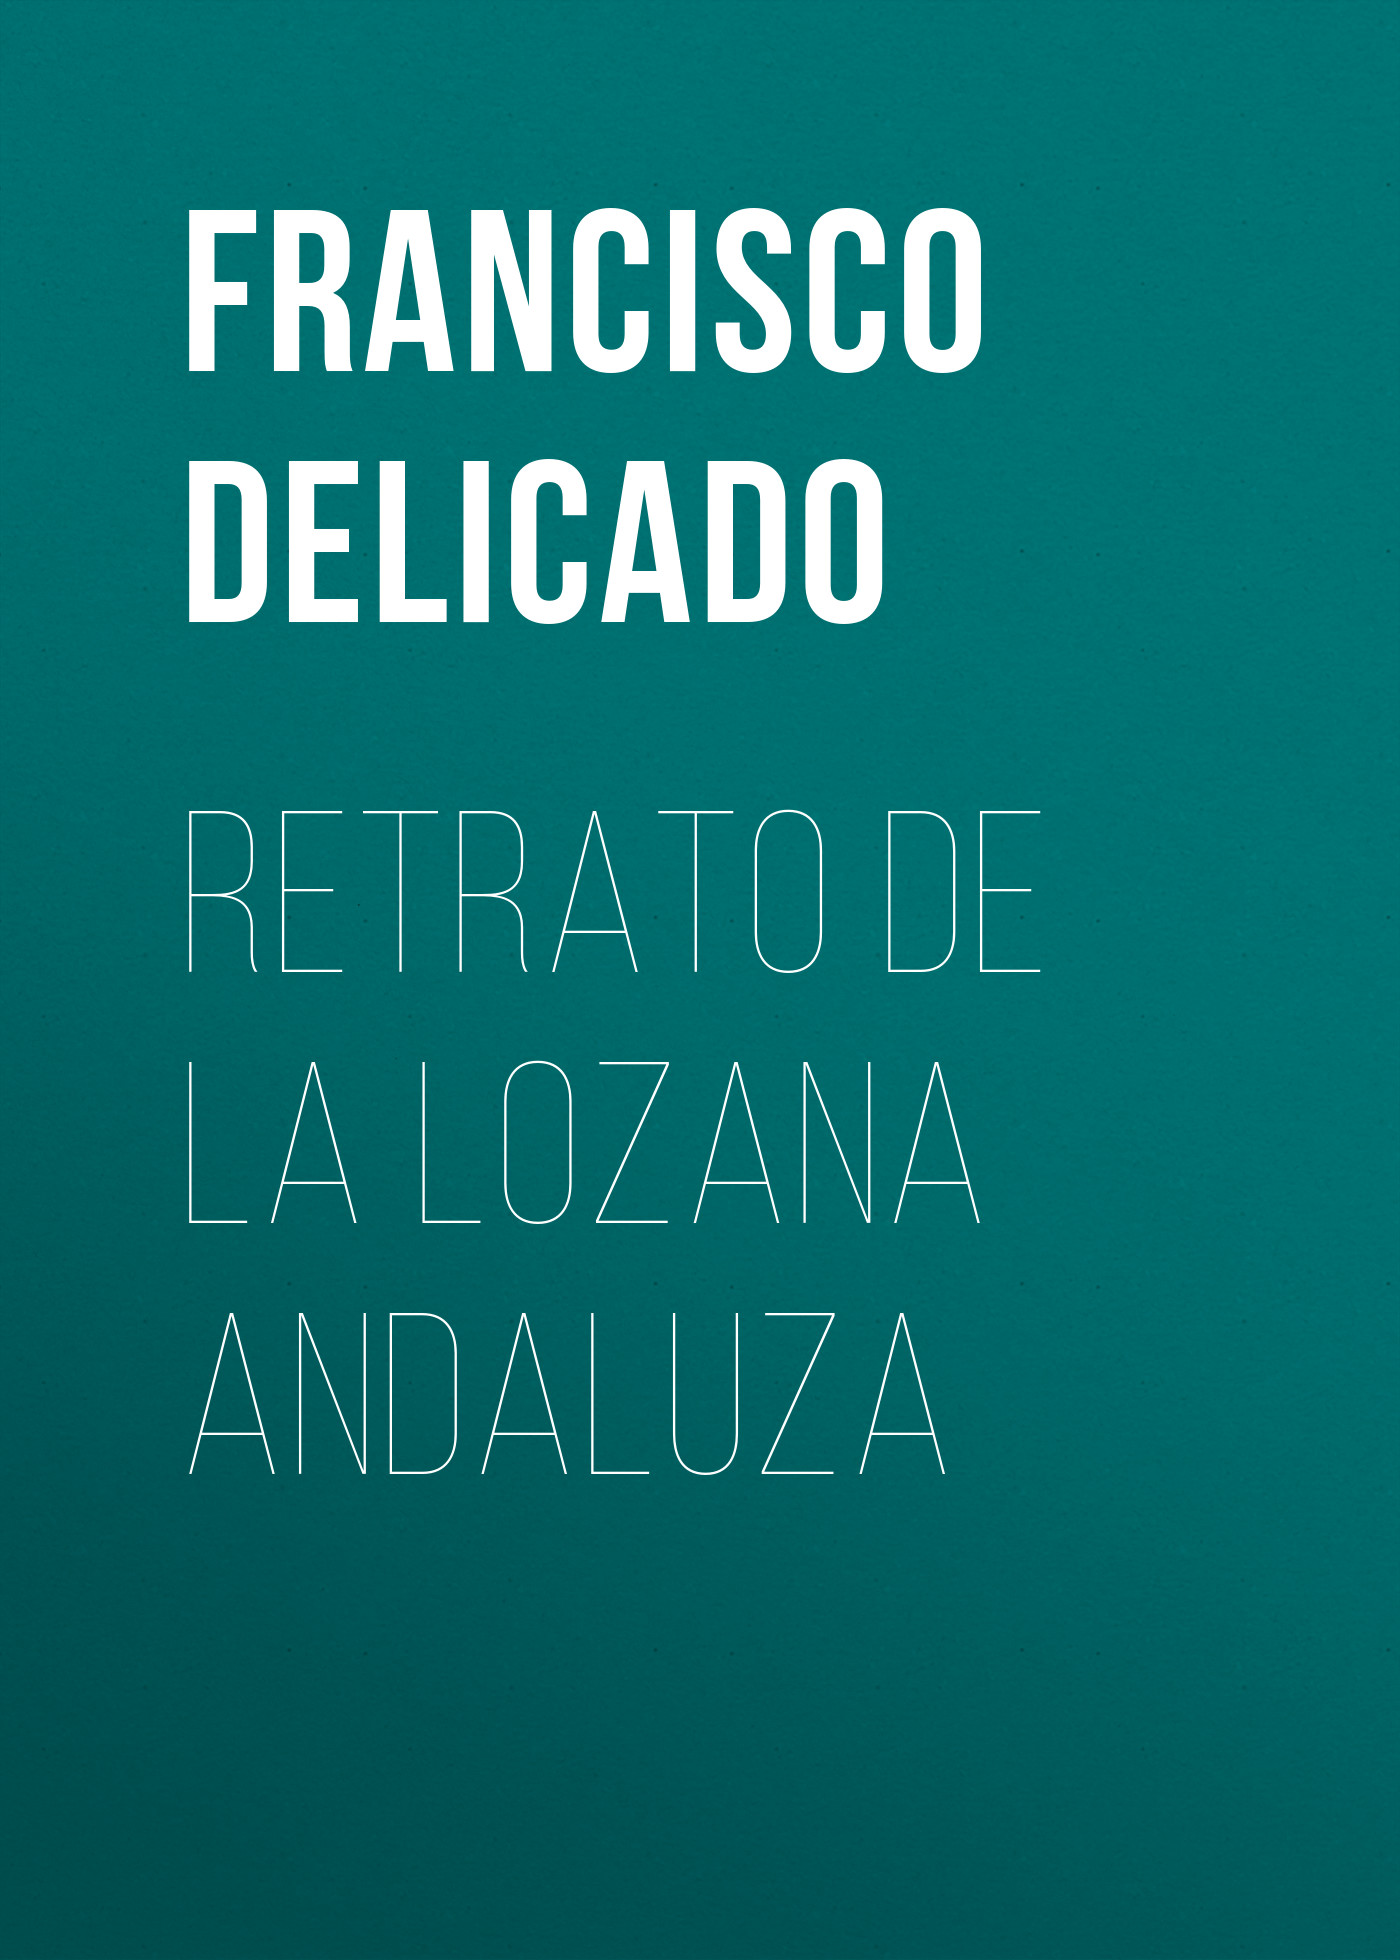 Francisco Delicado Retrato de la Lozana Andaluza цена